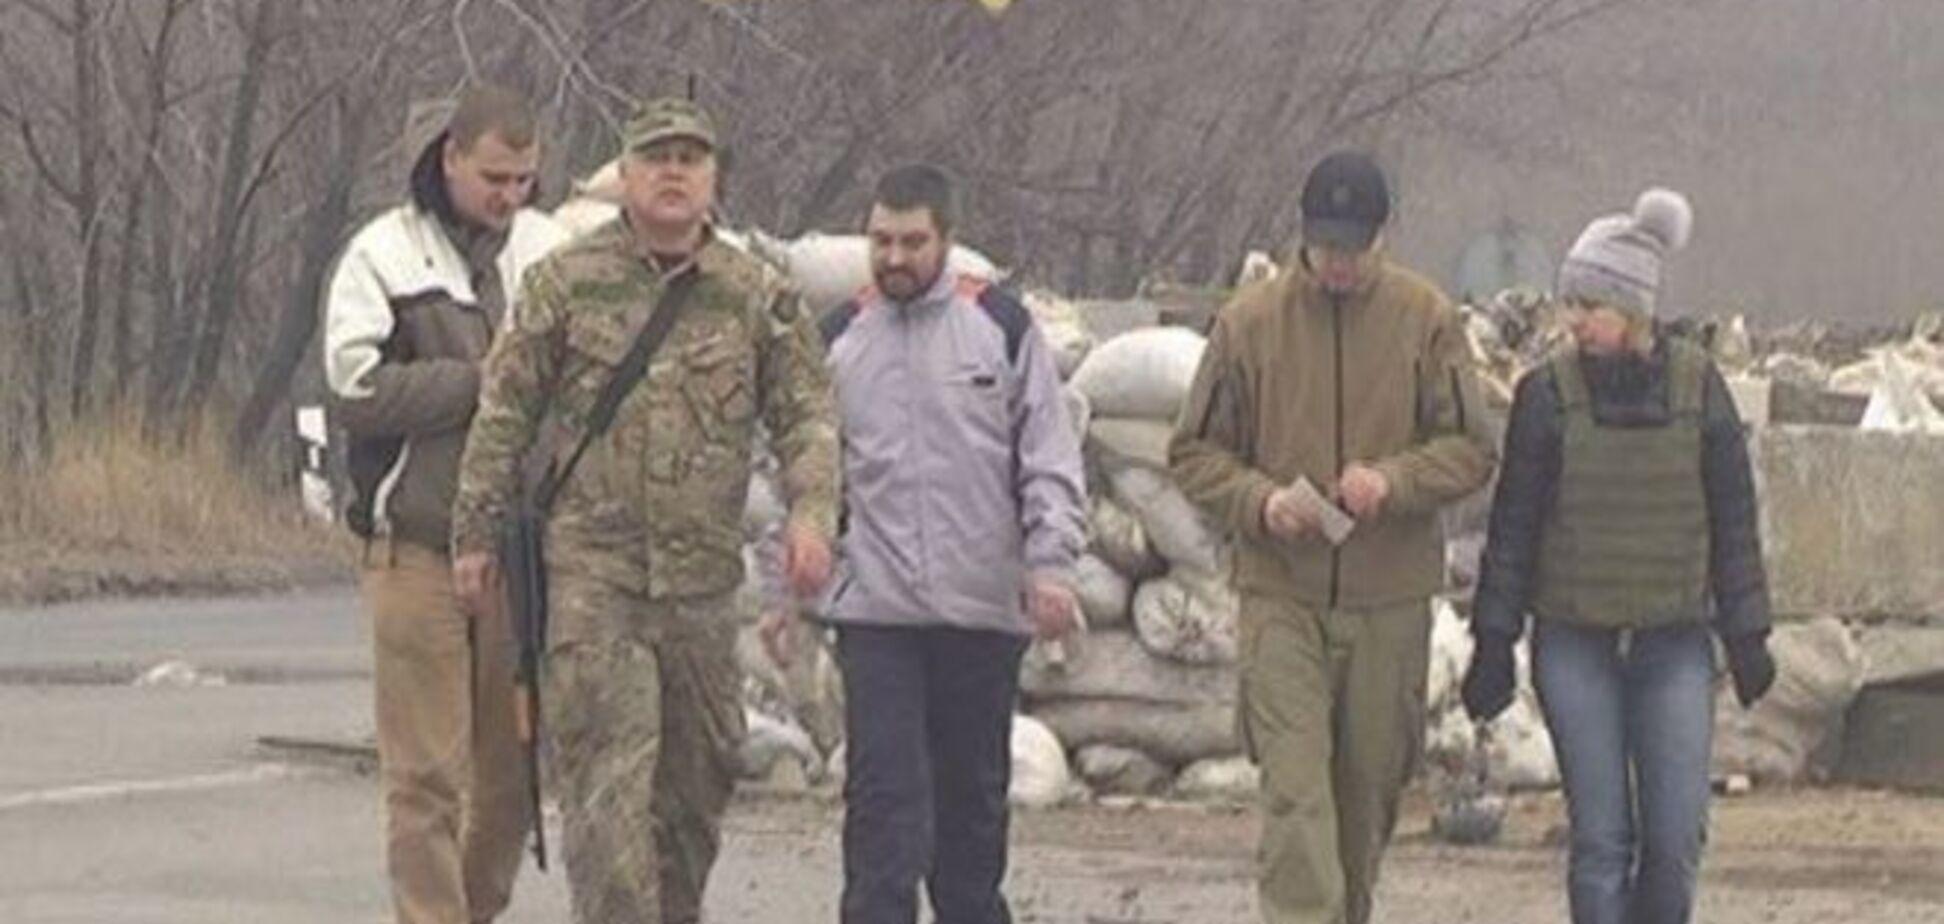 Из плена боевиков 'ДНР' освободили 14 украинцев